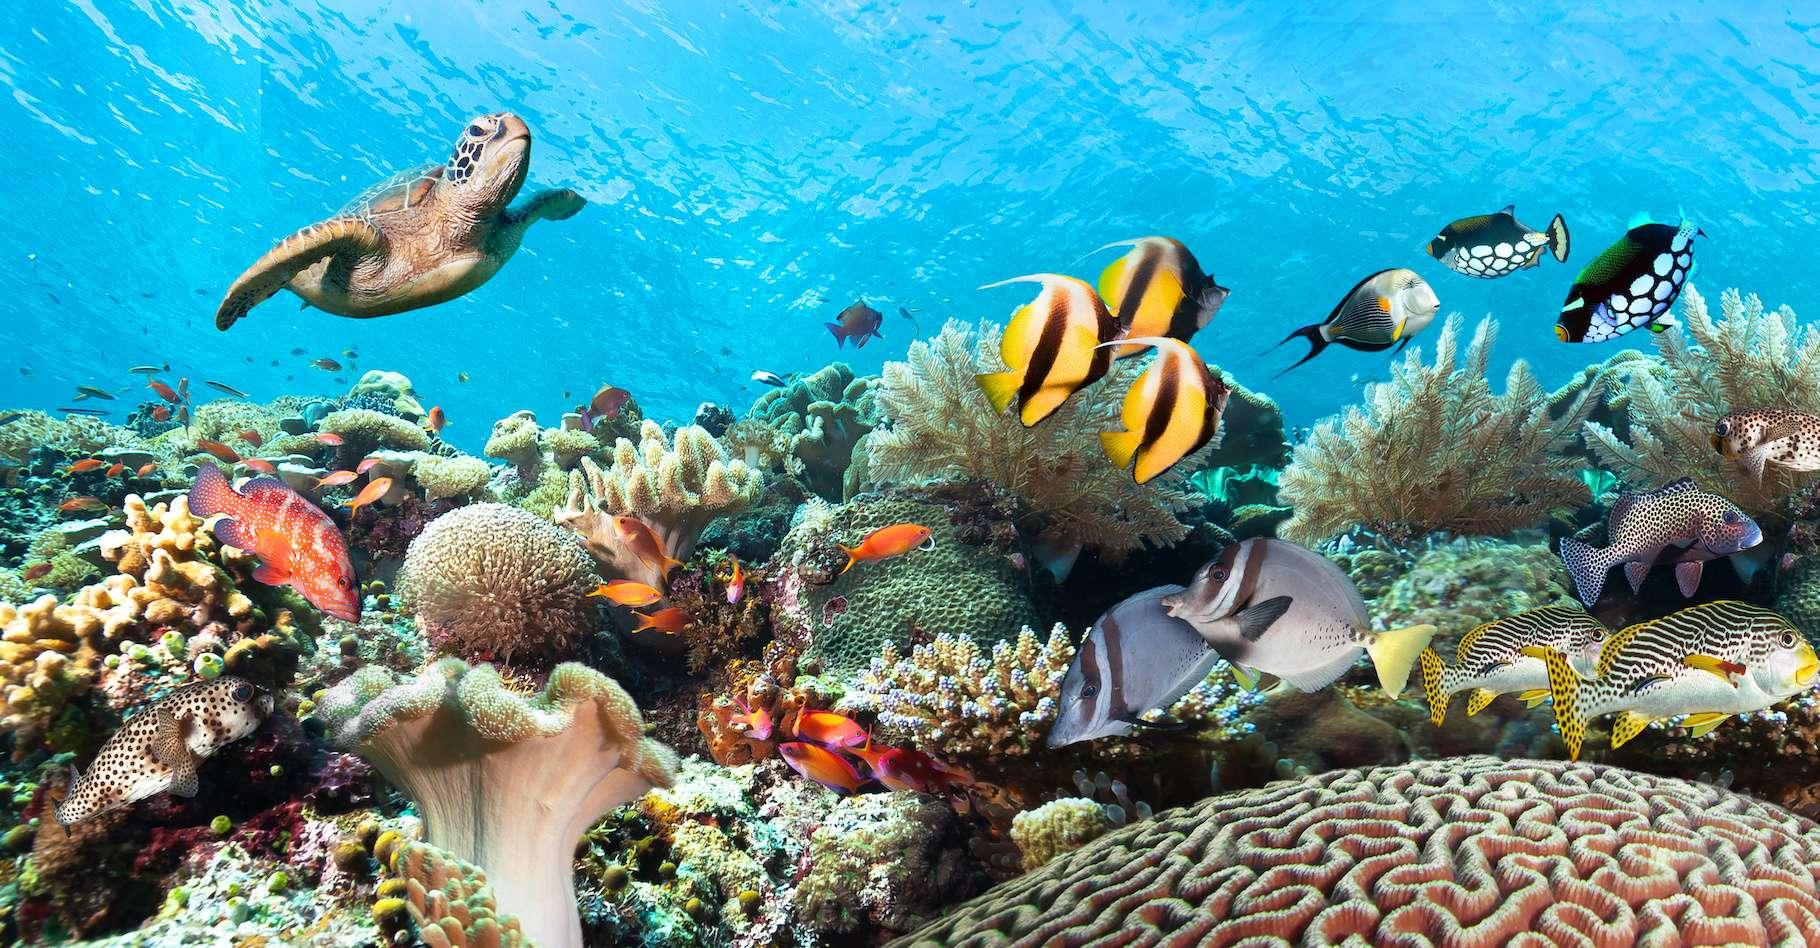 Victime de la surexploitation, de la pollution et du réchauffement climatique, la biodiversité marine s'épuise. Heureusement, des sanctuaires marins ont été créés pour lui offrir un peu de répit. © frantisek hojdysz, Adobe Stock